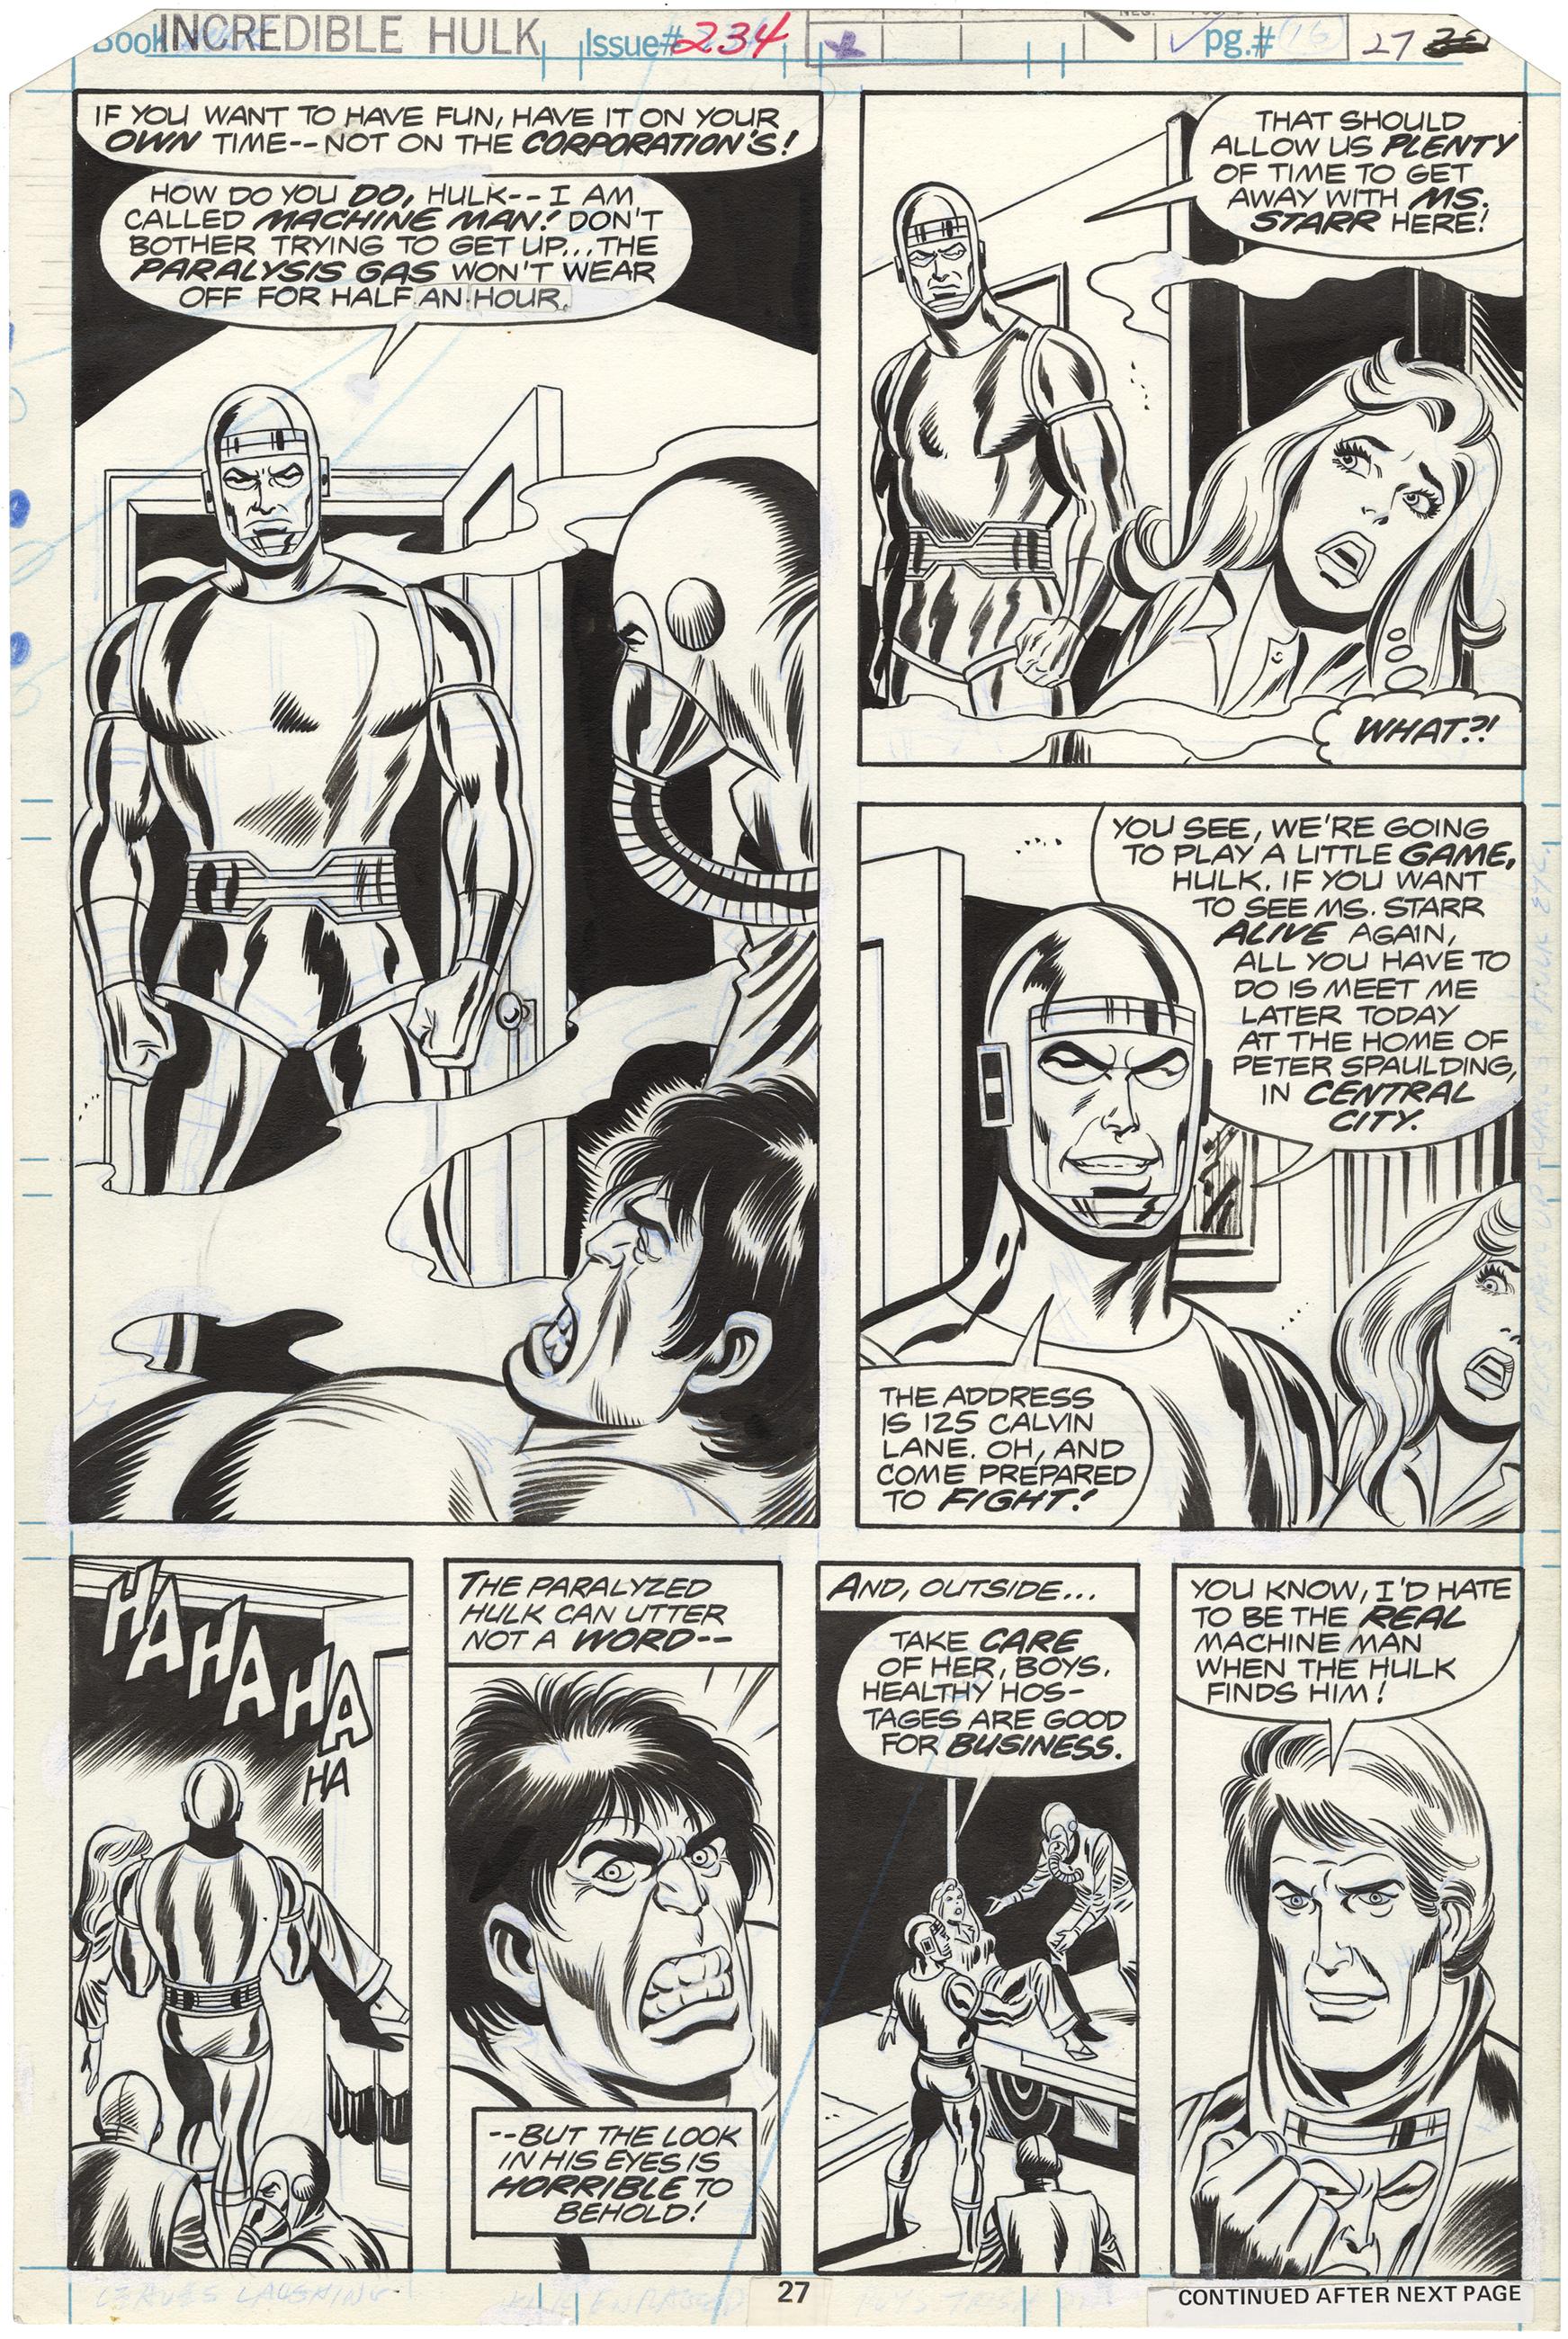 Incredible Hulk #234 p27